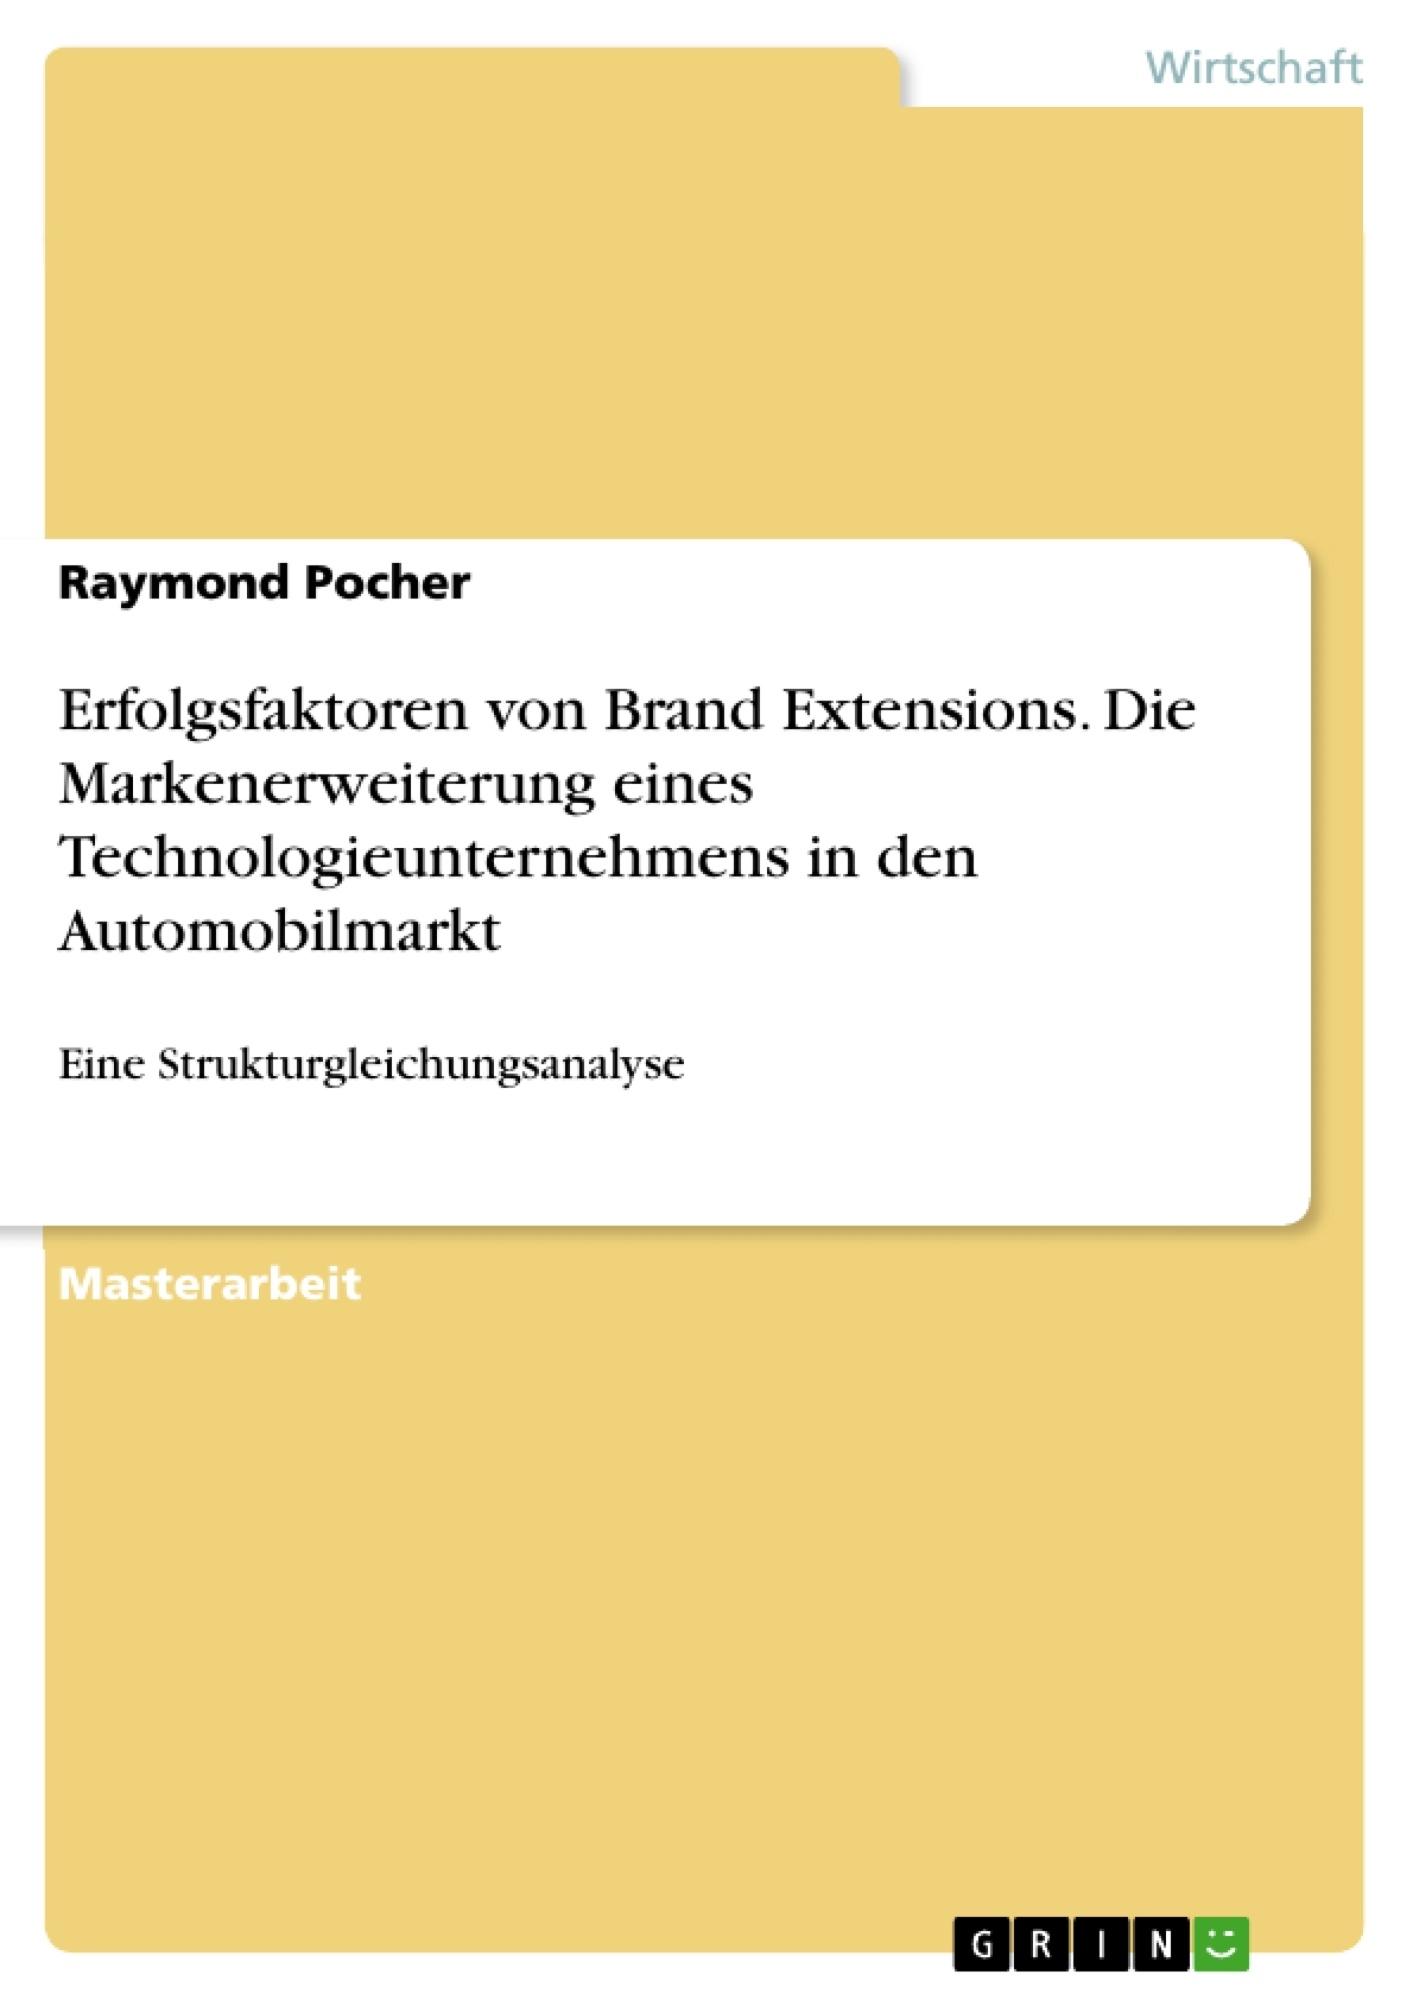 Titel: Erfolgsfaktoren von Brand Extensions. Die Markenerweiterung eines Technologieunternehmens in den Automobilmarkt